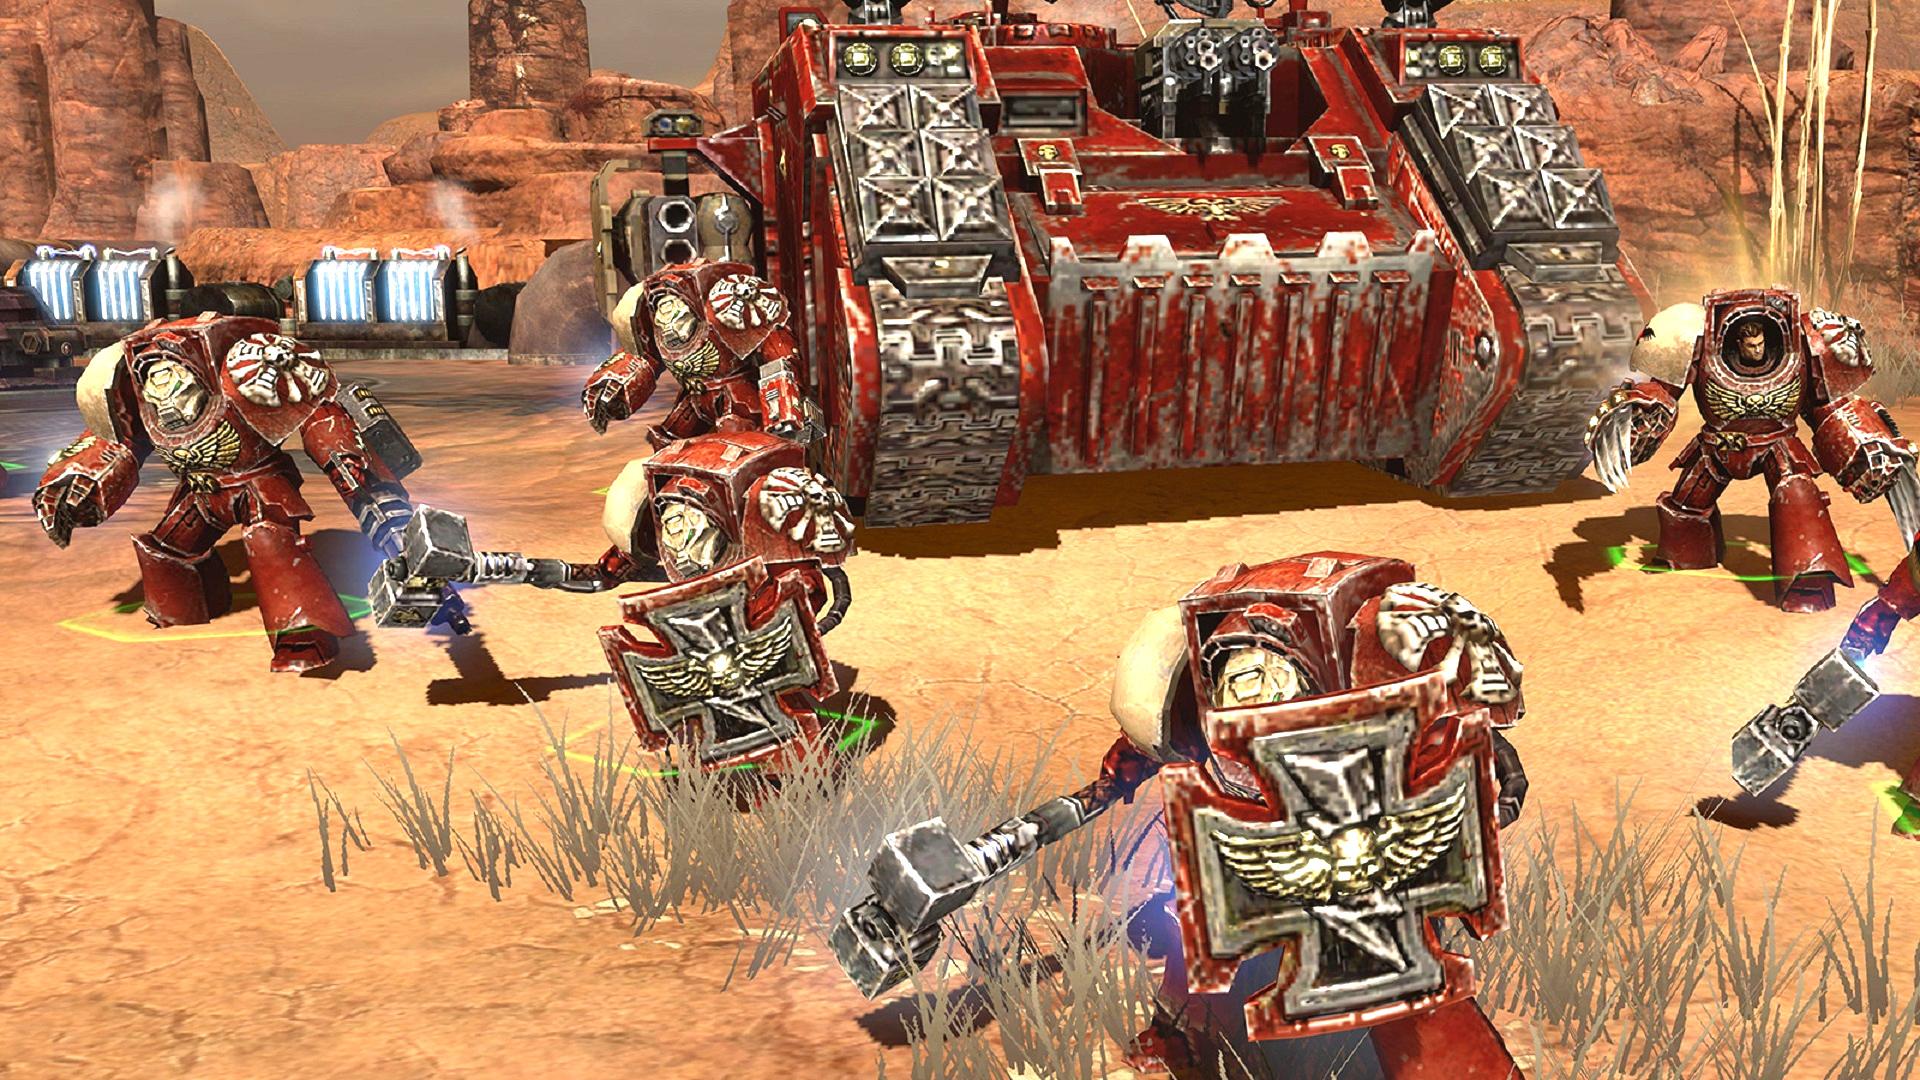 Warhammer games – the best Warhammer Fantasy and Warhammer 40K games